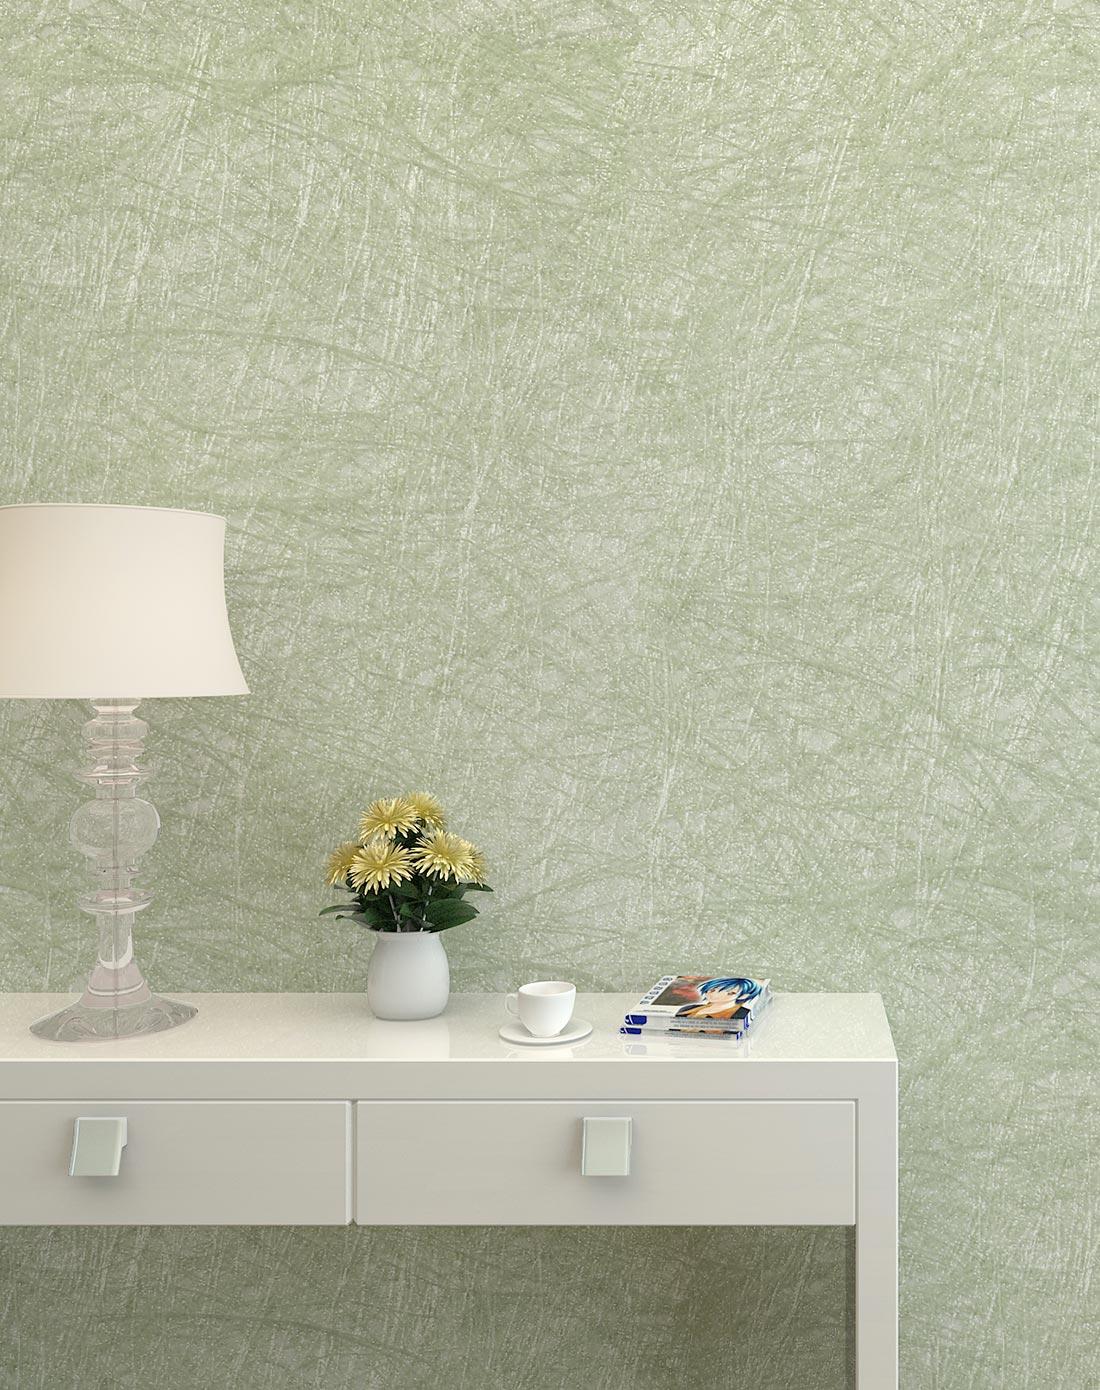 欧式墙纸3d立体蚕丝壁纸 电视背景墙